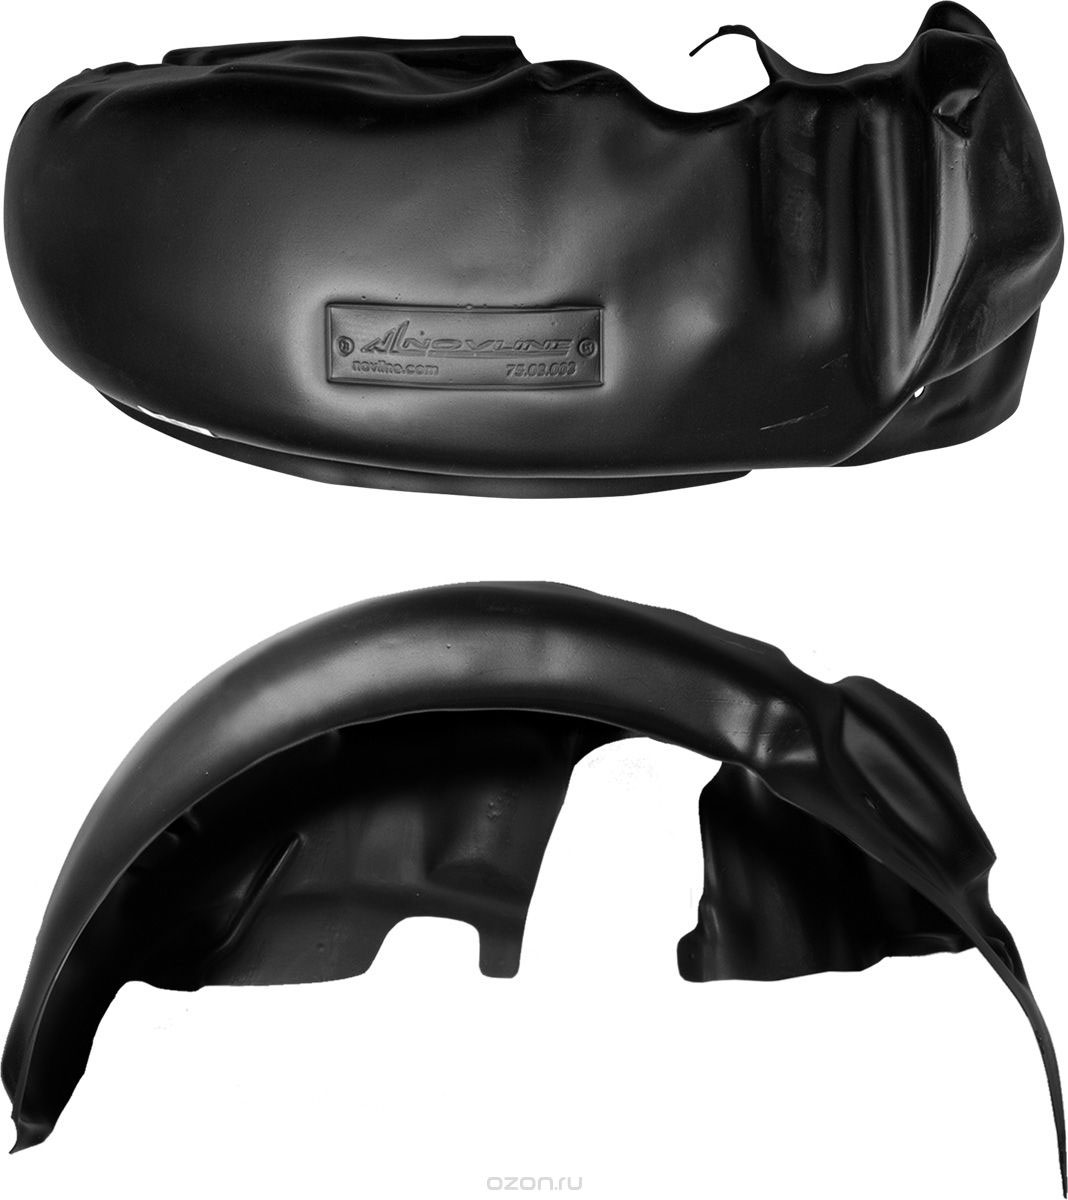 Подкрылок Novline-Autofamily, для TAGAZ VORTEX Tingo, 2011-2014 крос.(передний левыйNLL.77.06.001Идеальная защита колесной ниши. Локеры разработаны с применением цифровых технологий, гарантируют максимальную повторяемость поверхности арки. Изделия устанавливаются без нарушения лакокрасочного покрытия автомобиля, каждый подкрылок комплектуется крепежом. Уважаемые клиенты, обращаем ваше внимание, что фотографии на подкрылки универсальные и не отражают реальную форму изделия. При этом само изделие идет точно под размер указанного автомобиля.